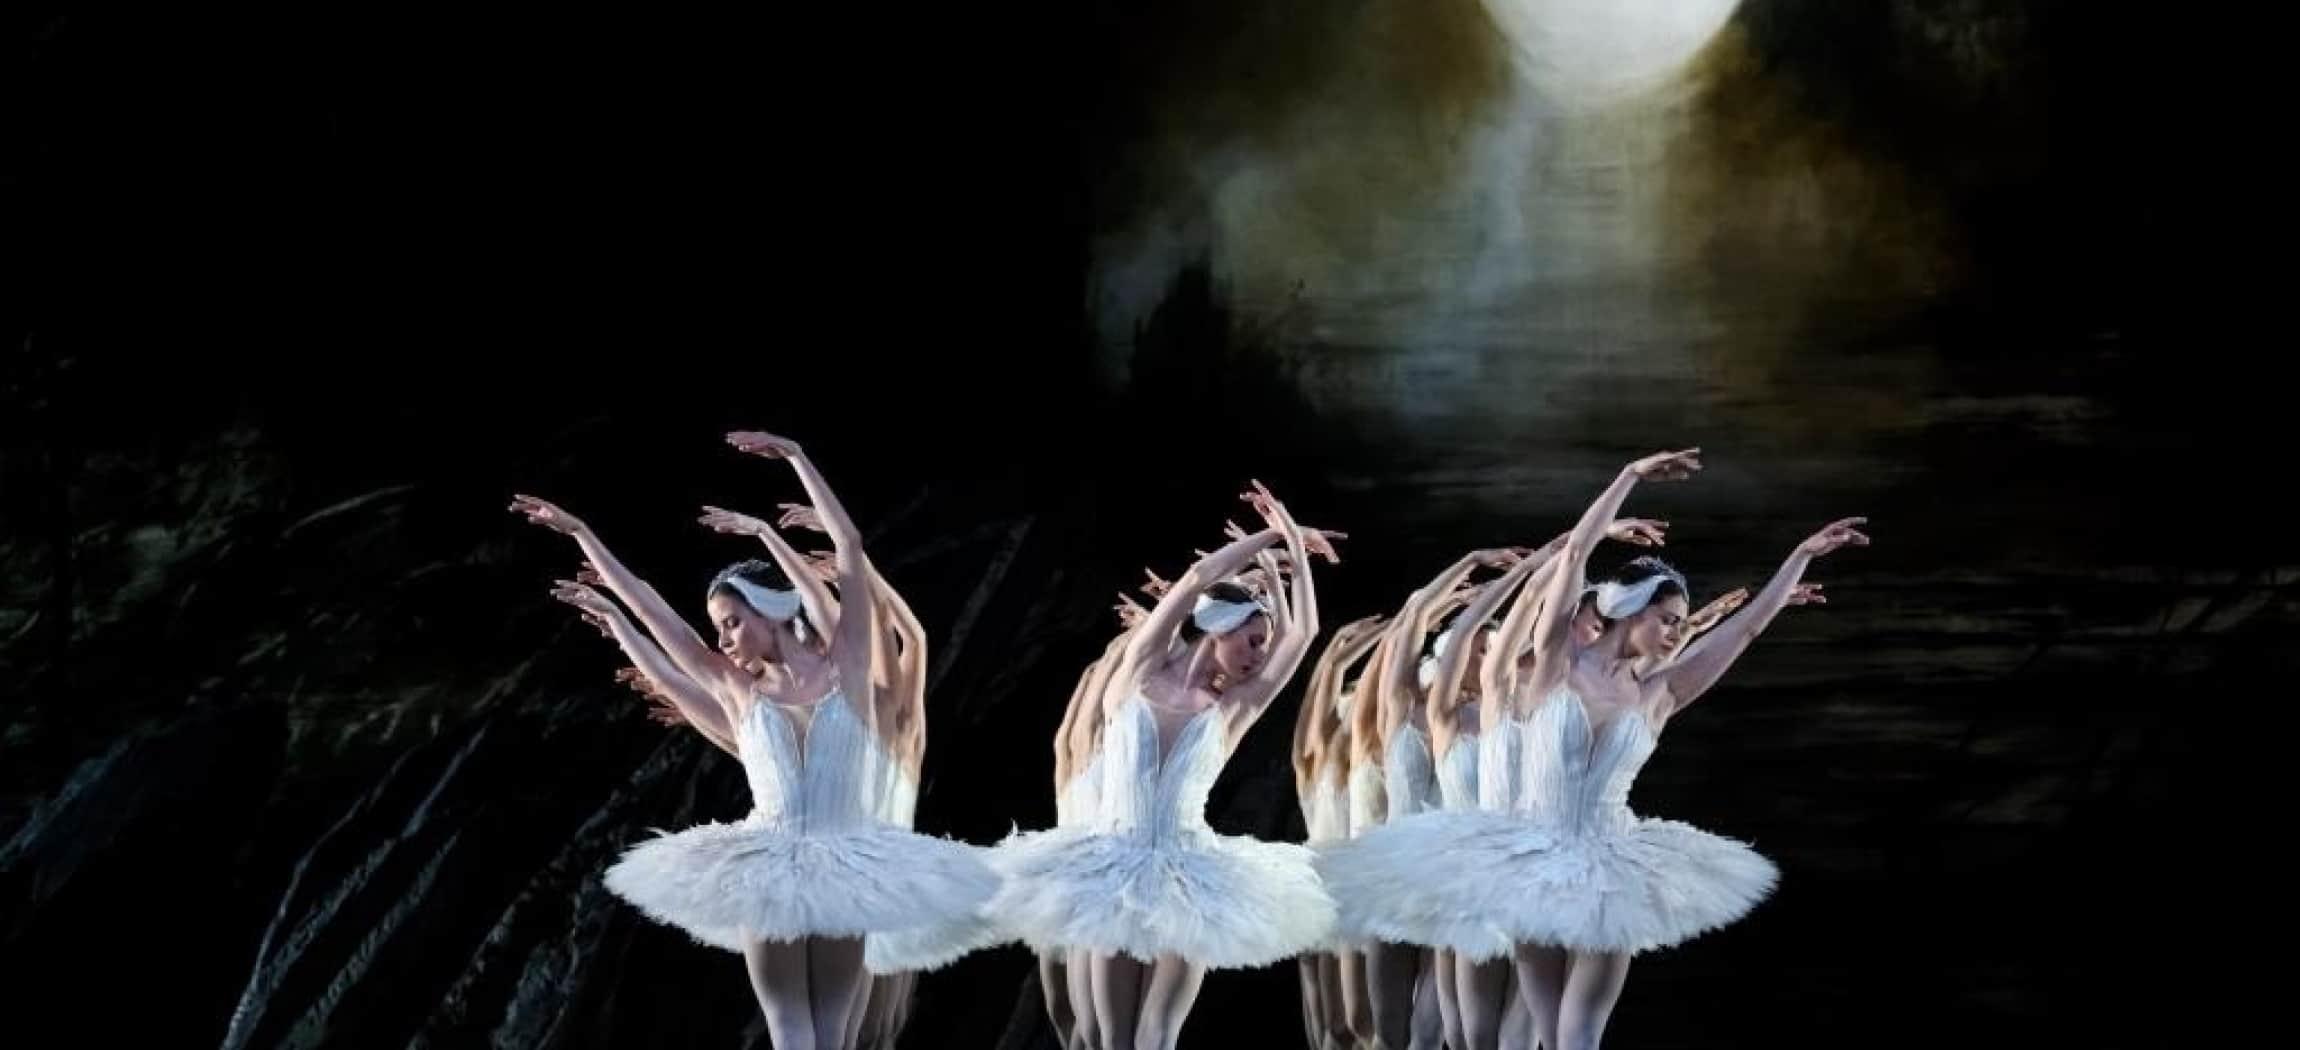 Balletdanseressen Zwanenmeer met witte veren tutu's